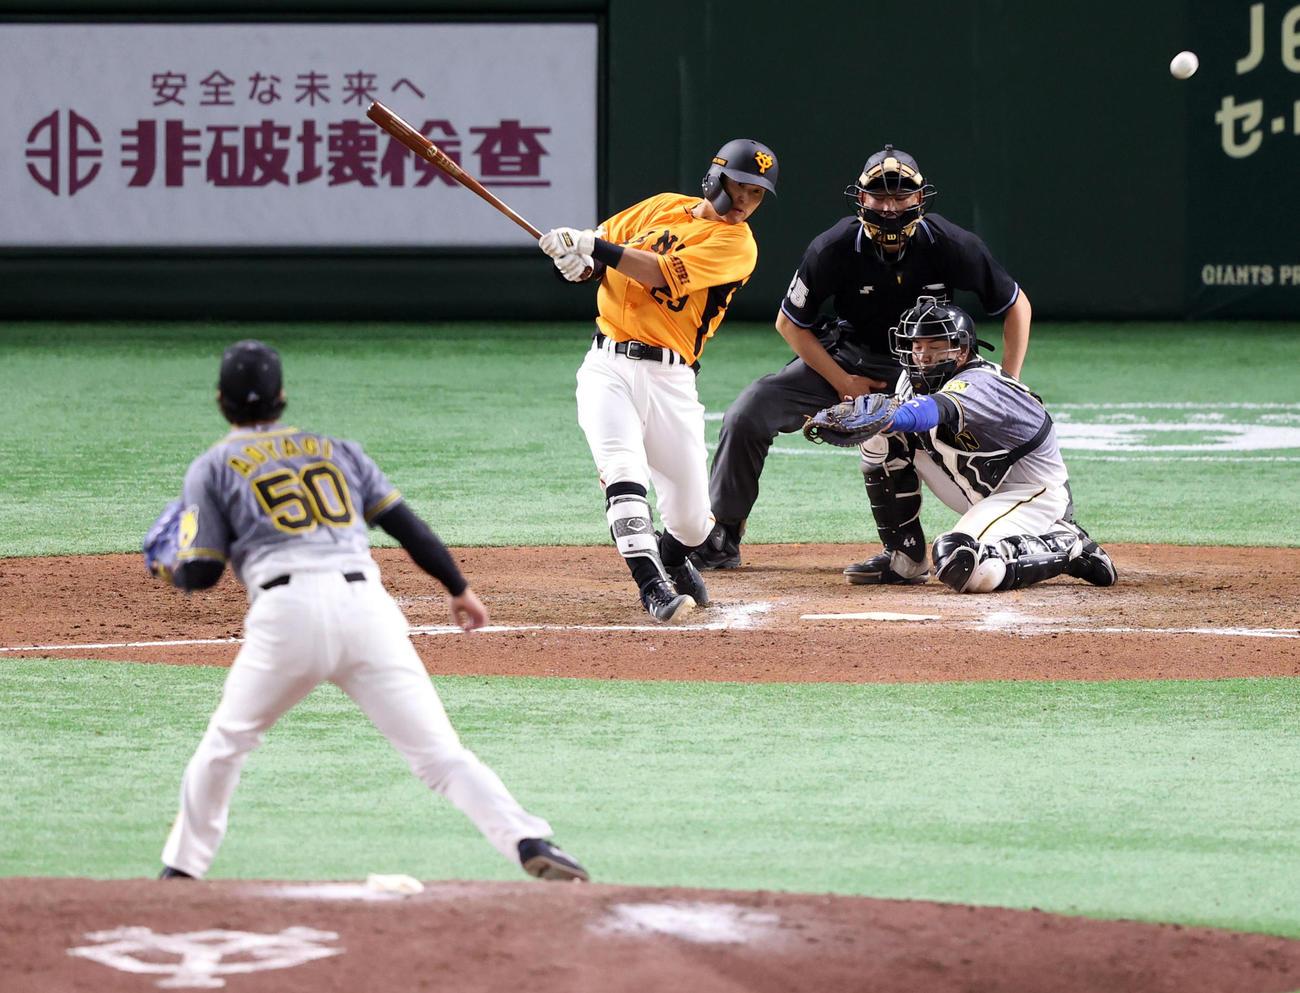 巨人対阪神 6回裏巨人2死一、二塁、適時打を放つ吉川。投手青柳(撮影・狩俣裕三)